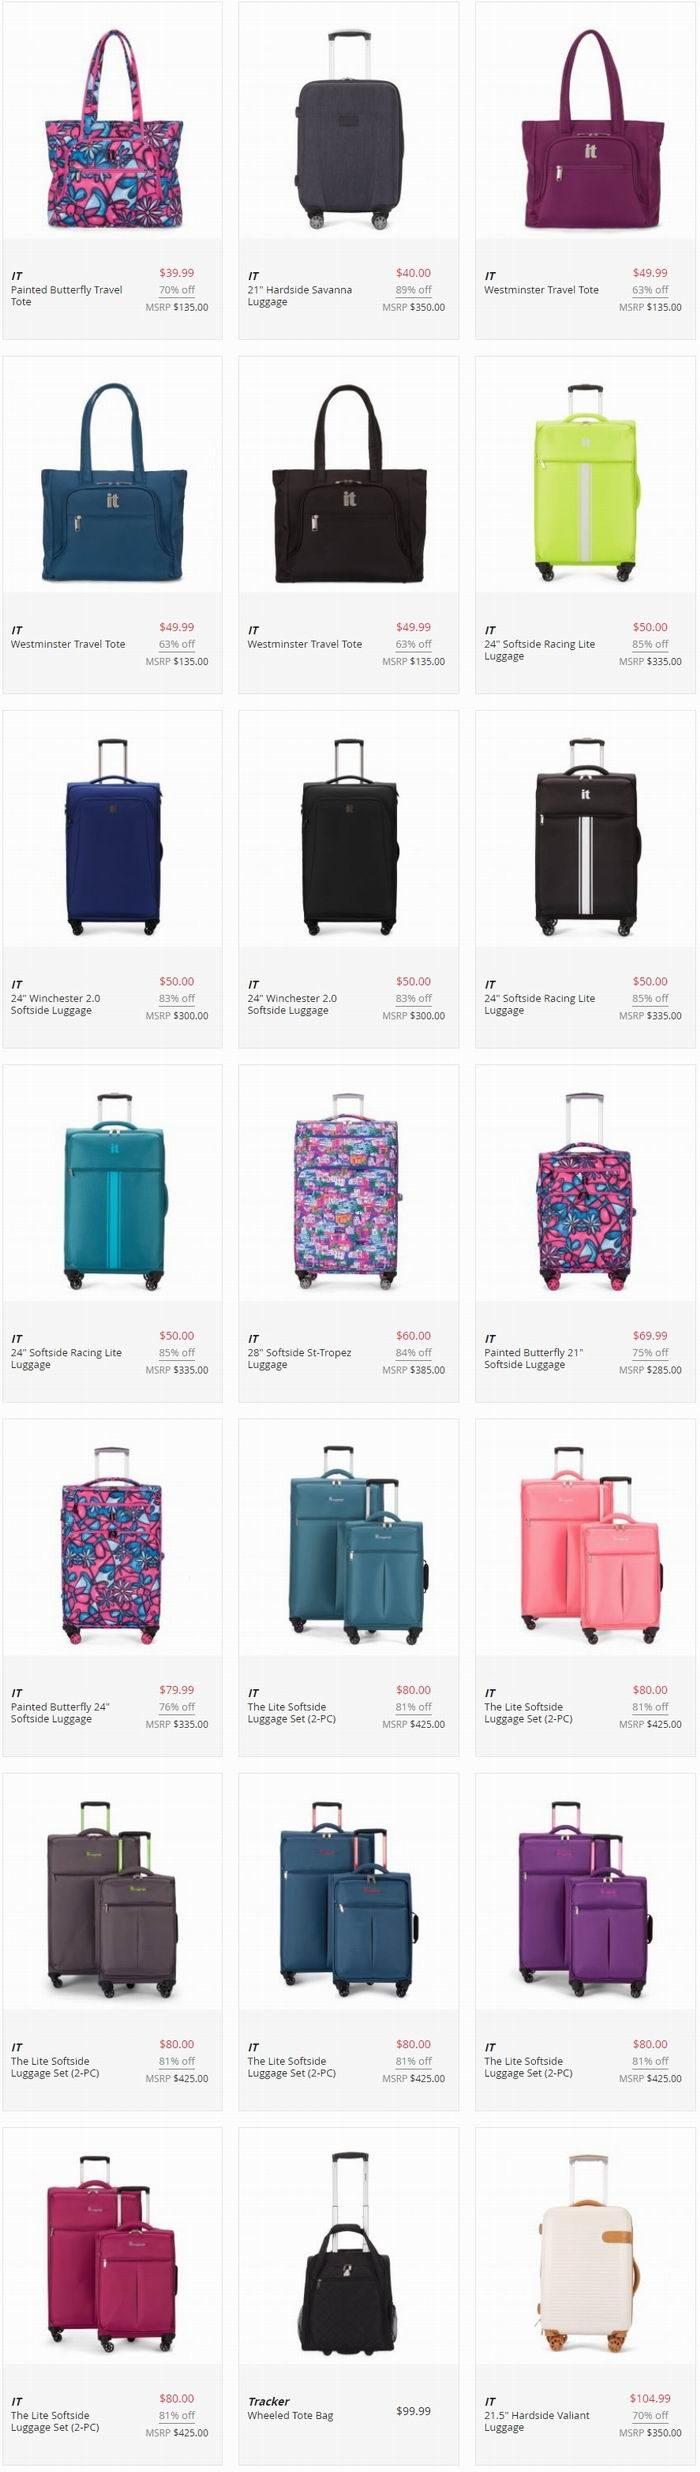 超级白菜!精选多款英国 IT Luggage 拉杆行李箱1.1折起清仓!20寸&28寸两件套仅80加元包邮!